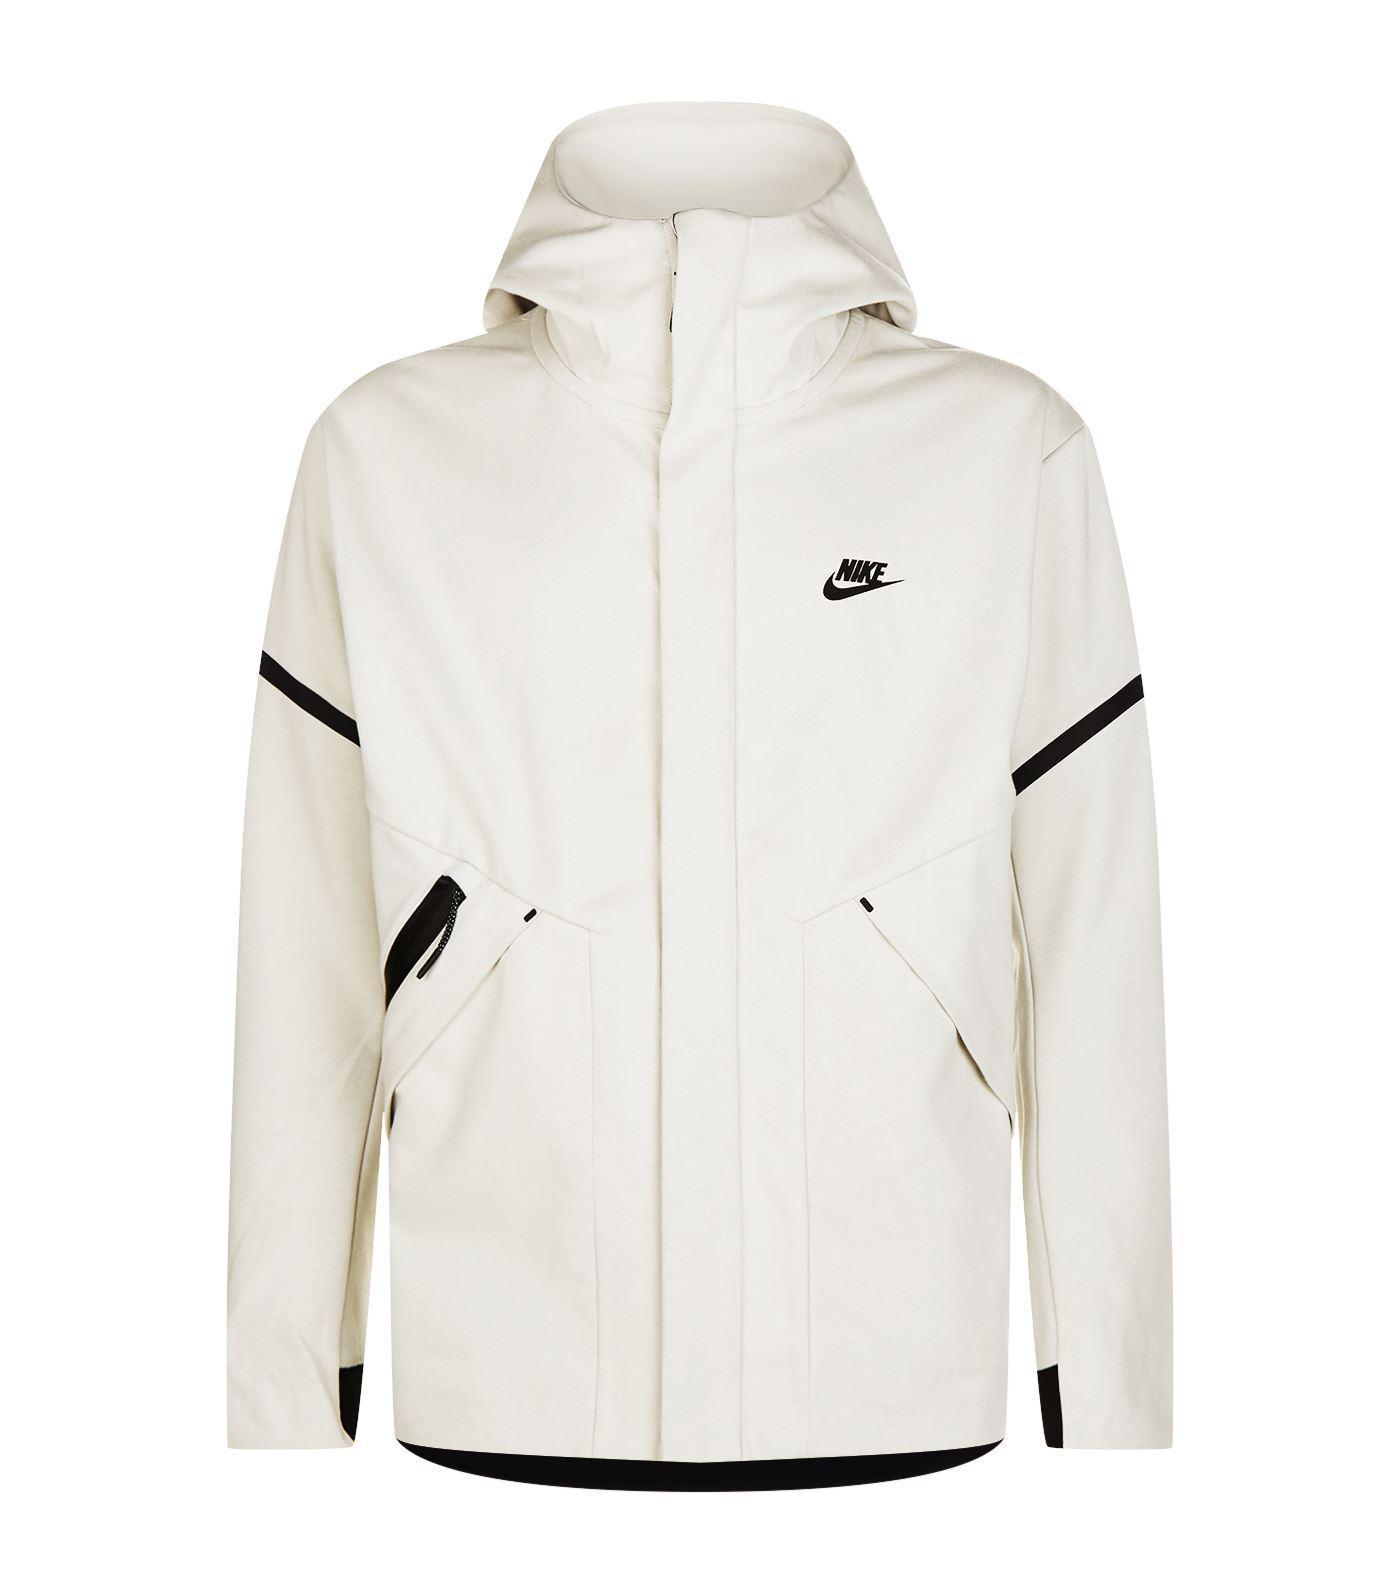 2ebd5d1d58aec Nike Tech Fleece Repel Windrunner Jacket in Gray for Men - Lyst